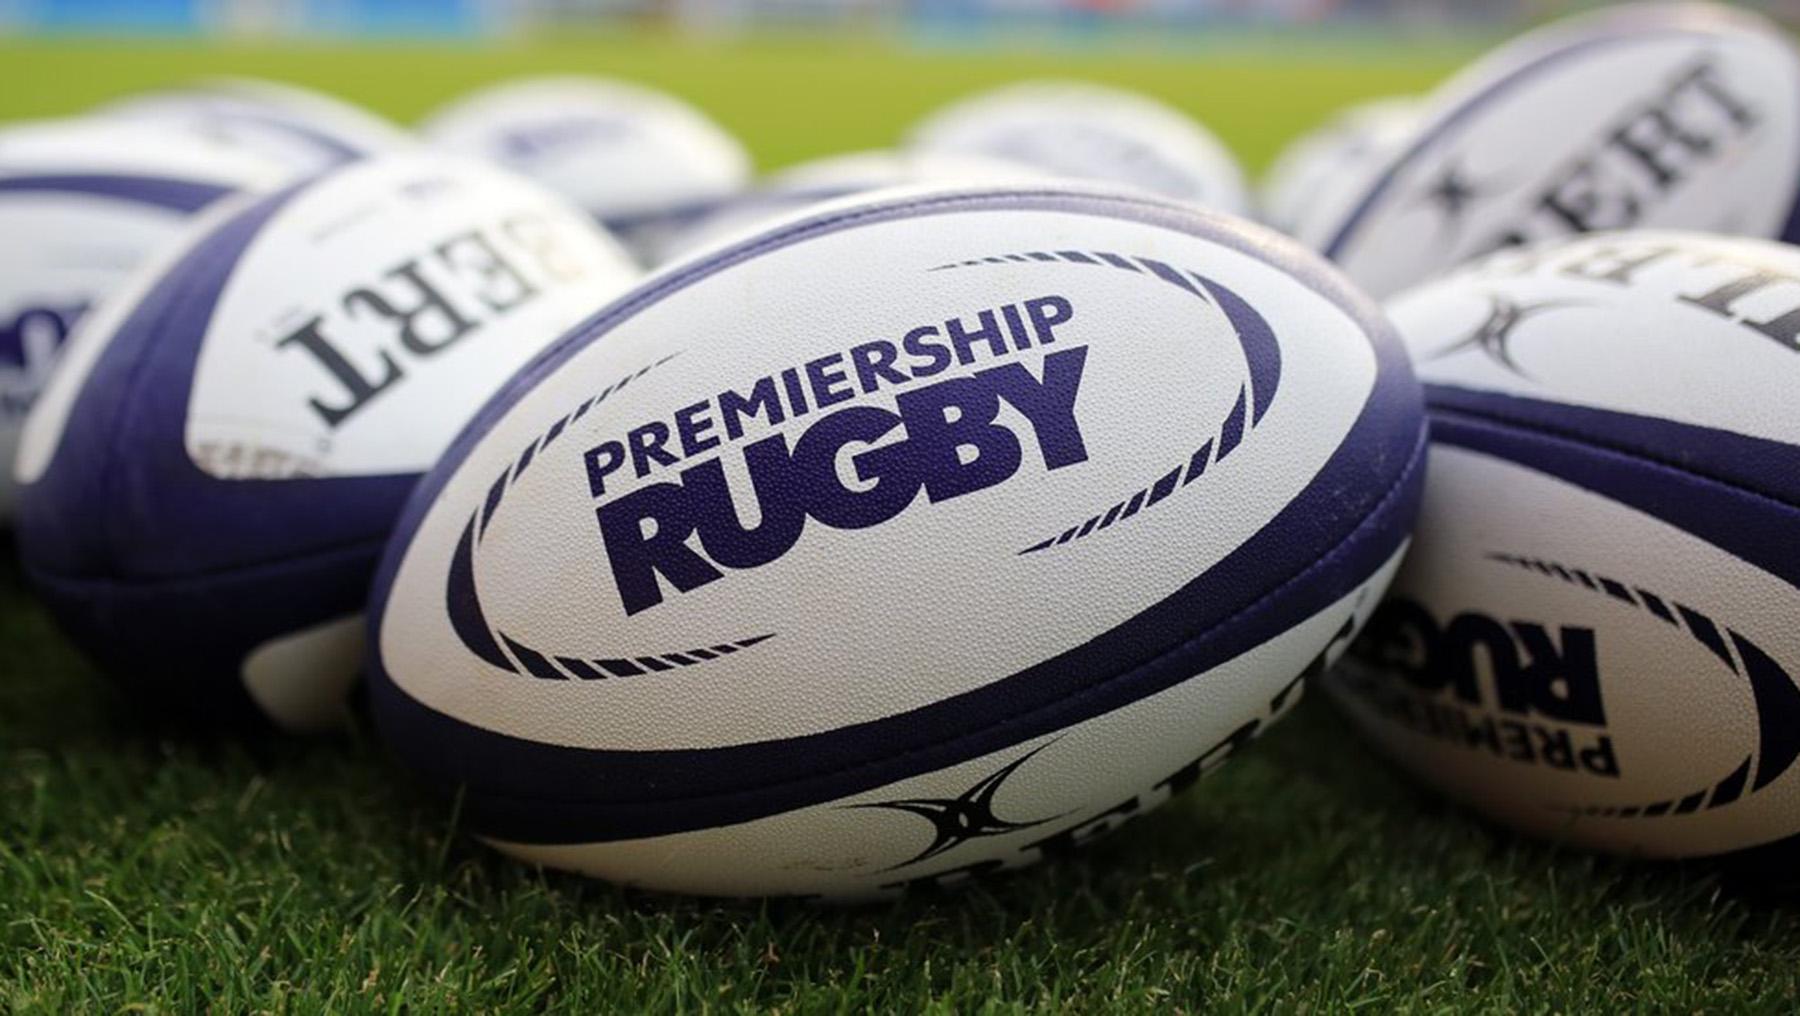 BBC: Nuovo protocollo per le commozioni celebrali nella Premiership di rugby